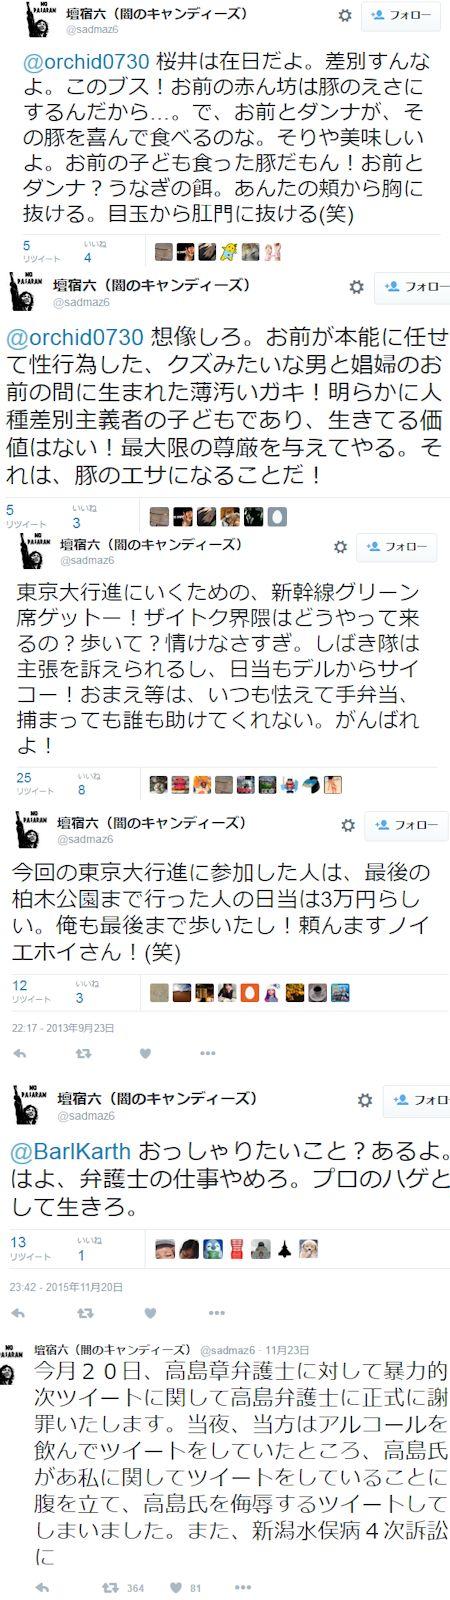 新潟日報記者による高島弁護士への脅迫事件 - しばき隊の暴走と転落は続く_c0315619_17272482.jpg